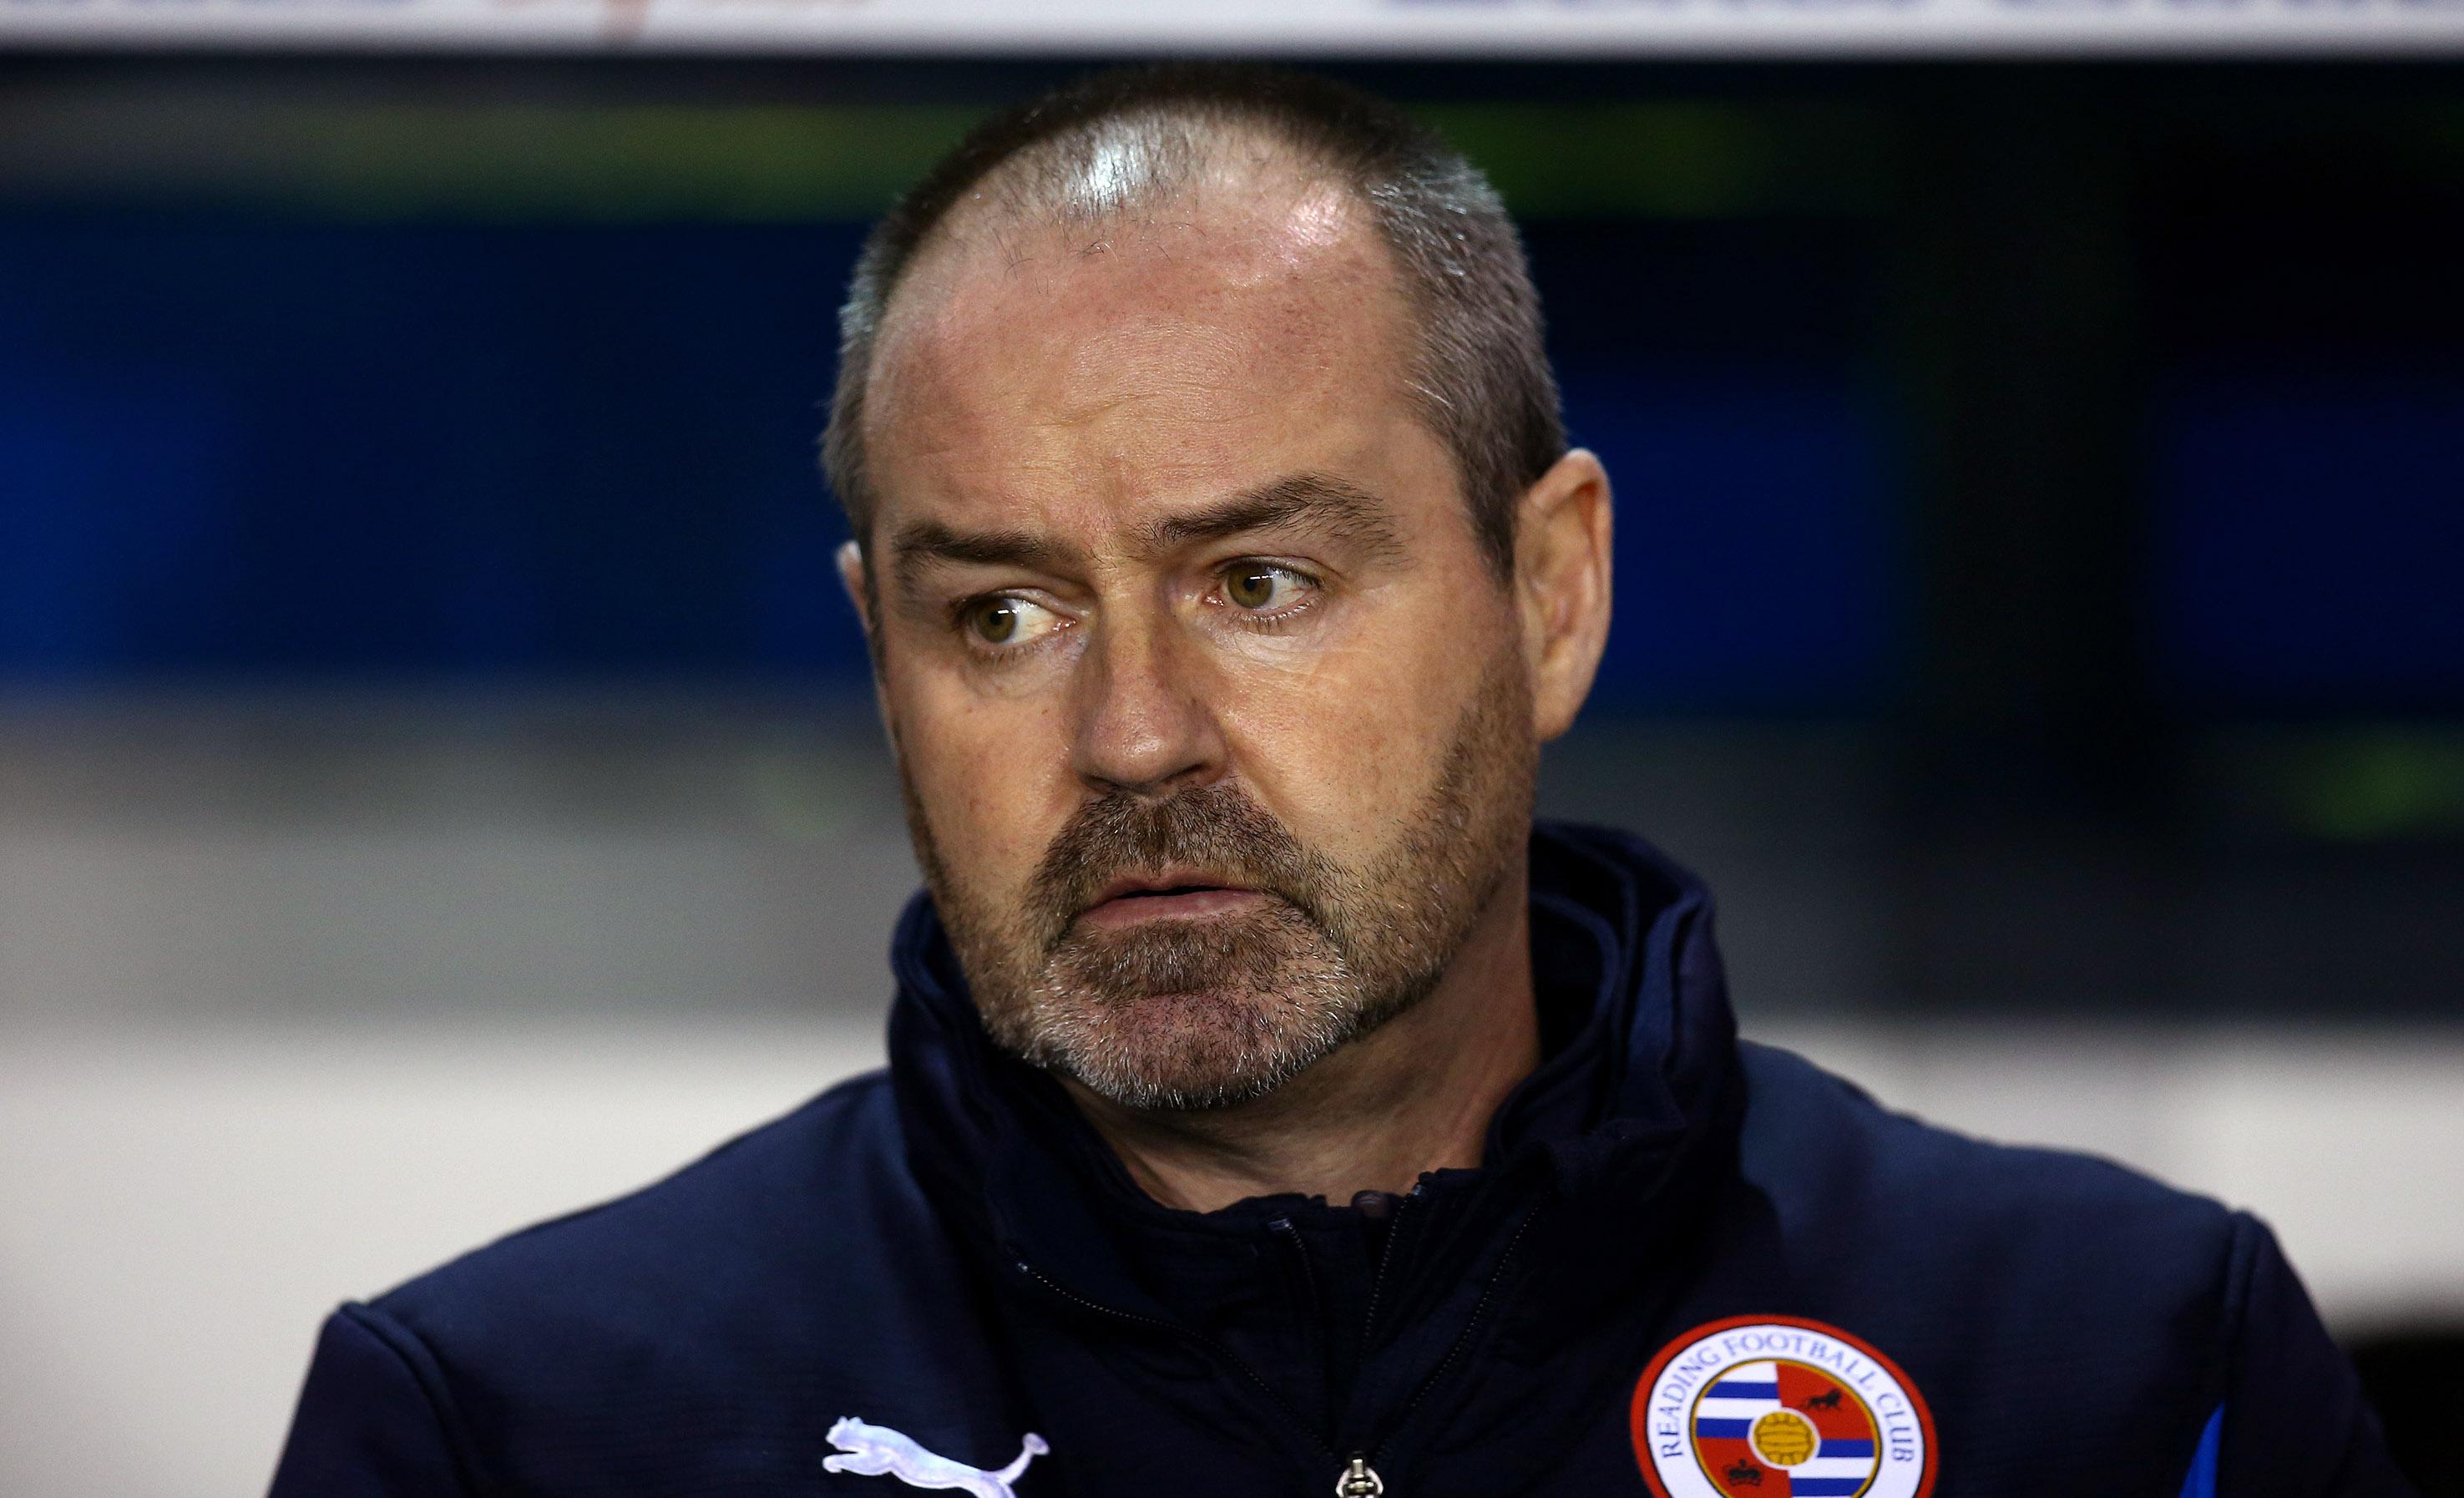 Steve Clarke looks glum during the Millwall game.